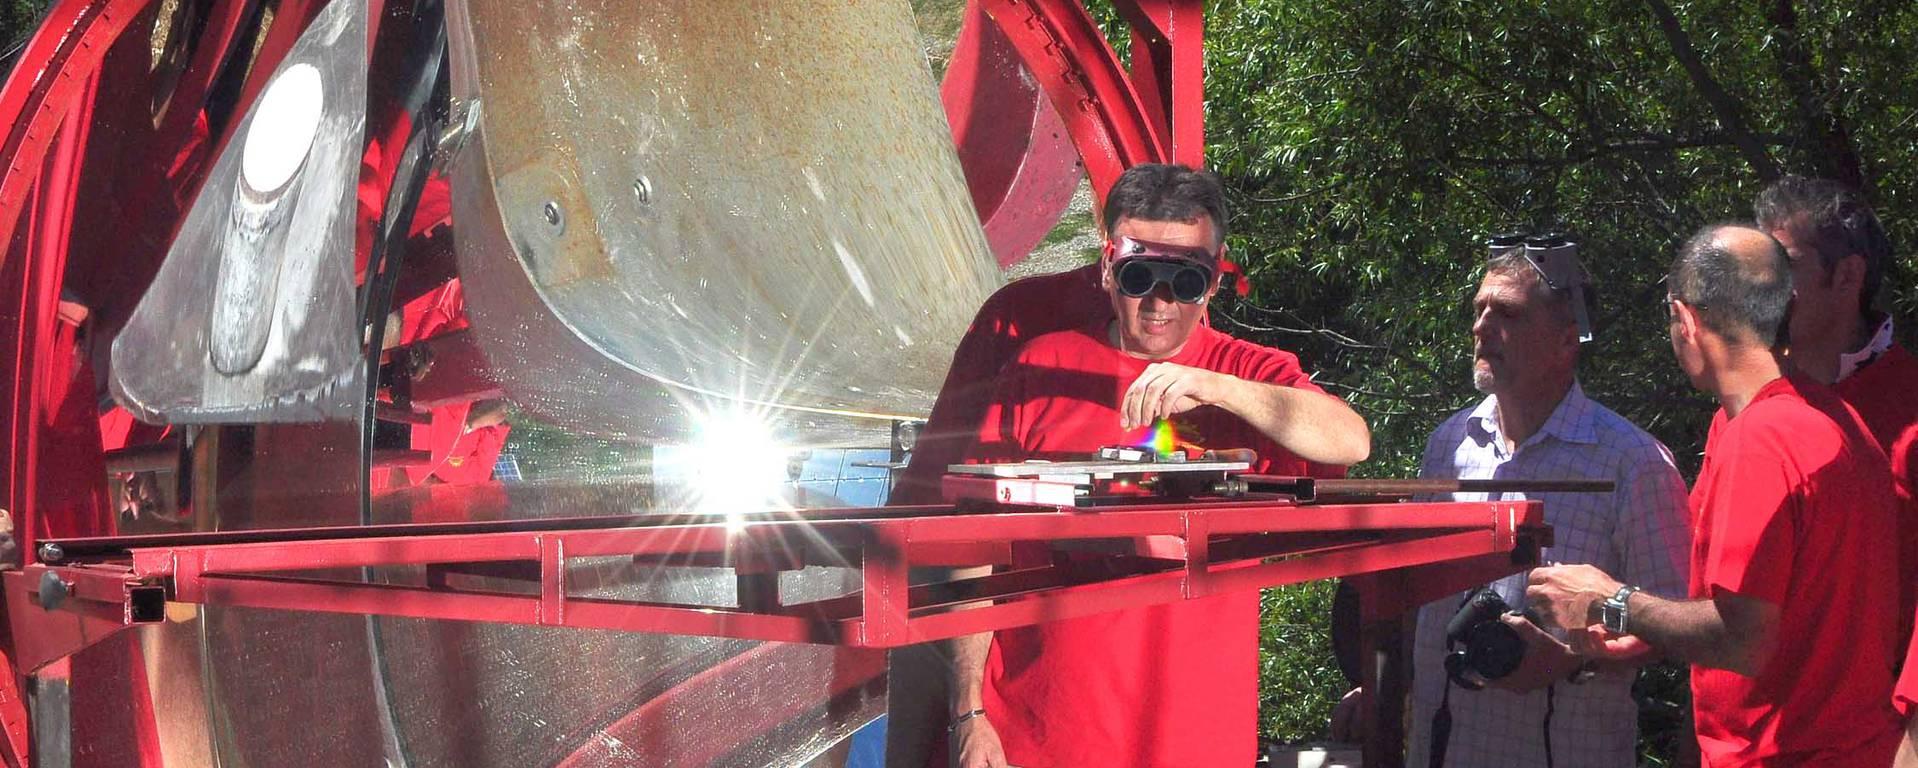 Expérience au four solaire d'Odeillo © F. Berlic